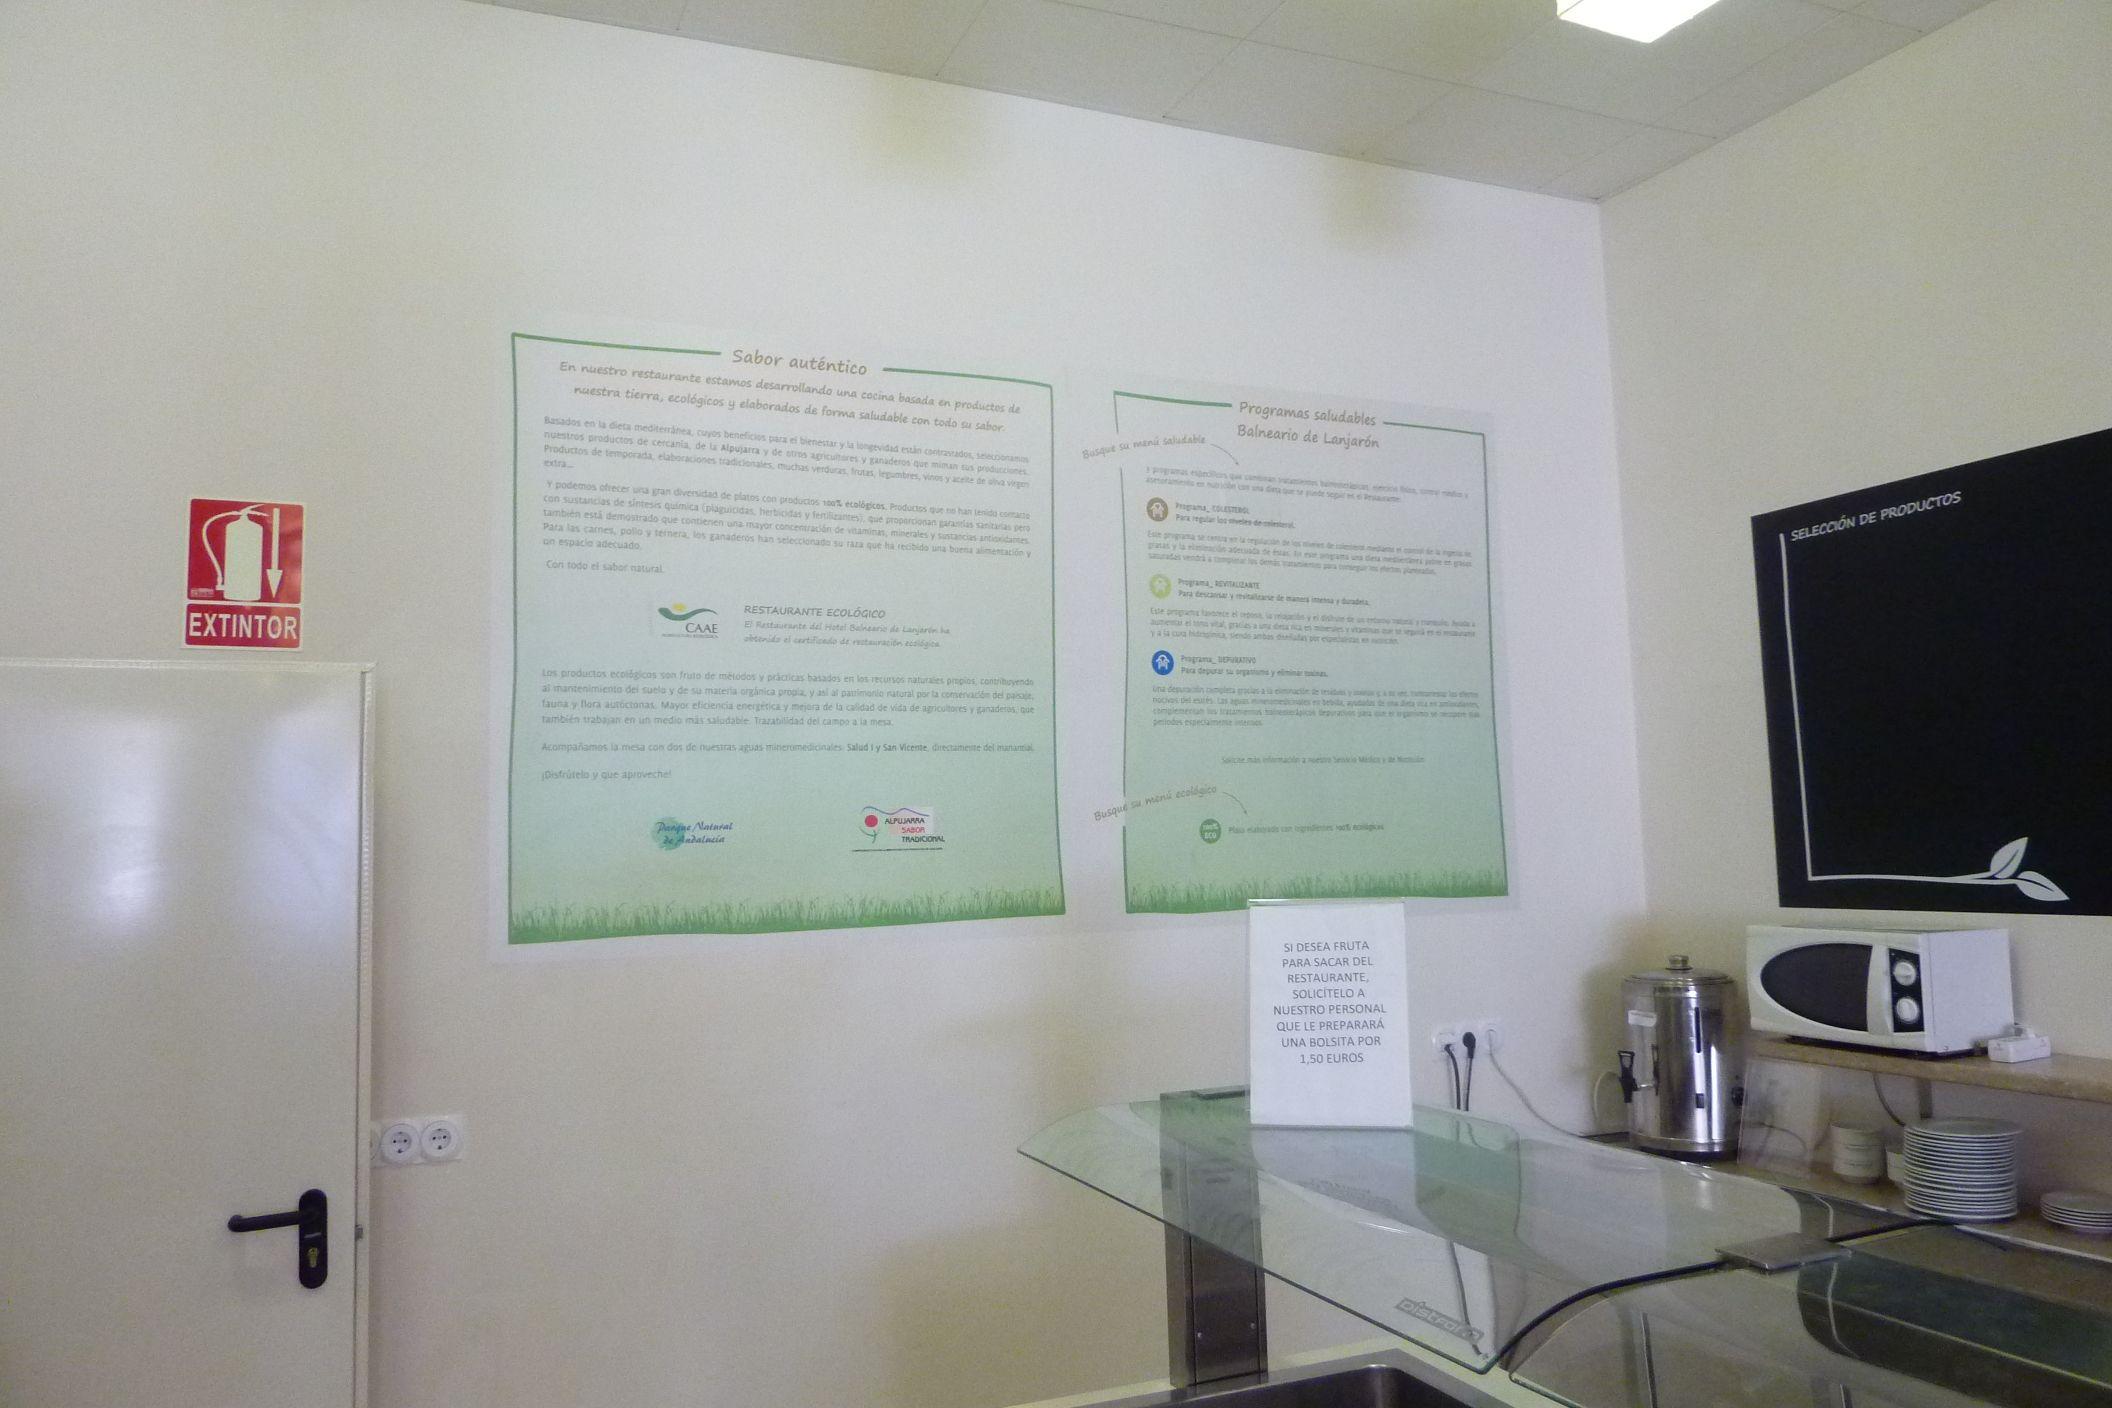 Panel decorativo realizado en vinilo blanco impreso y